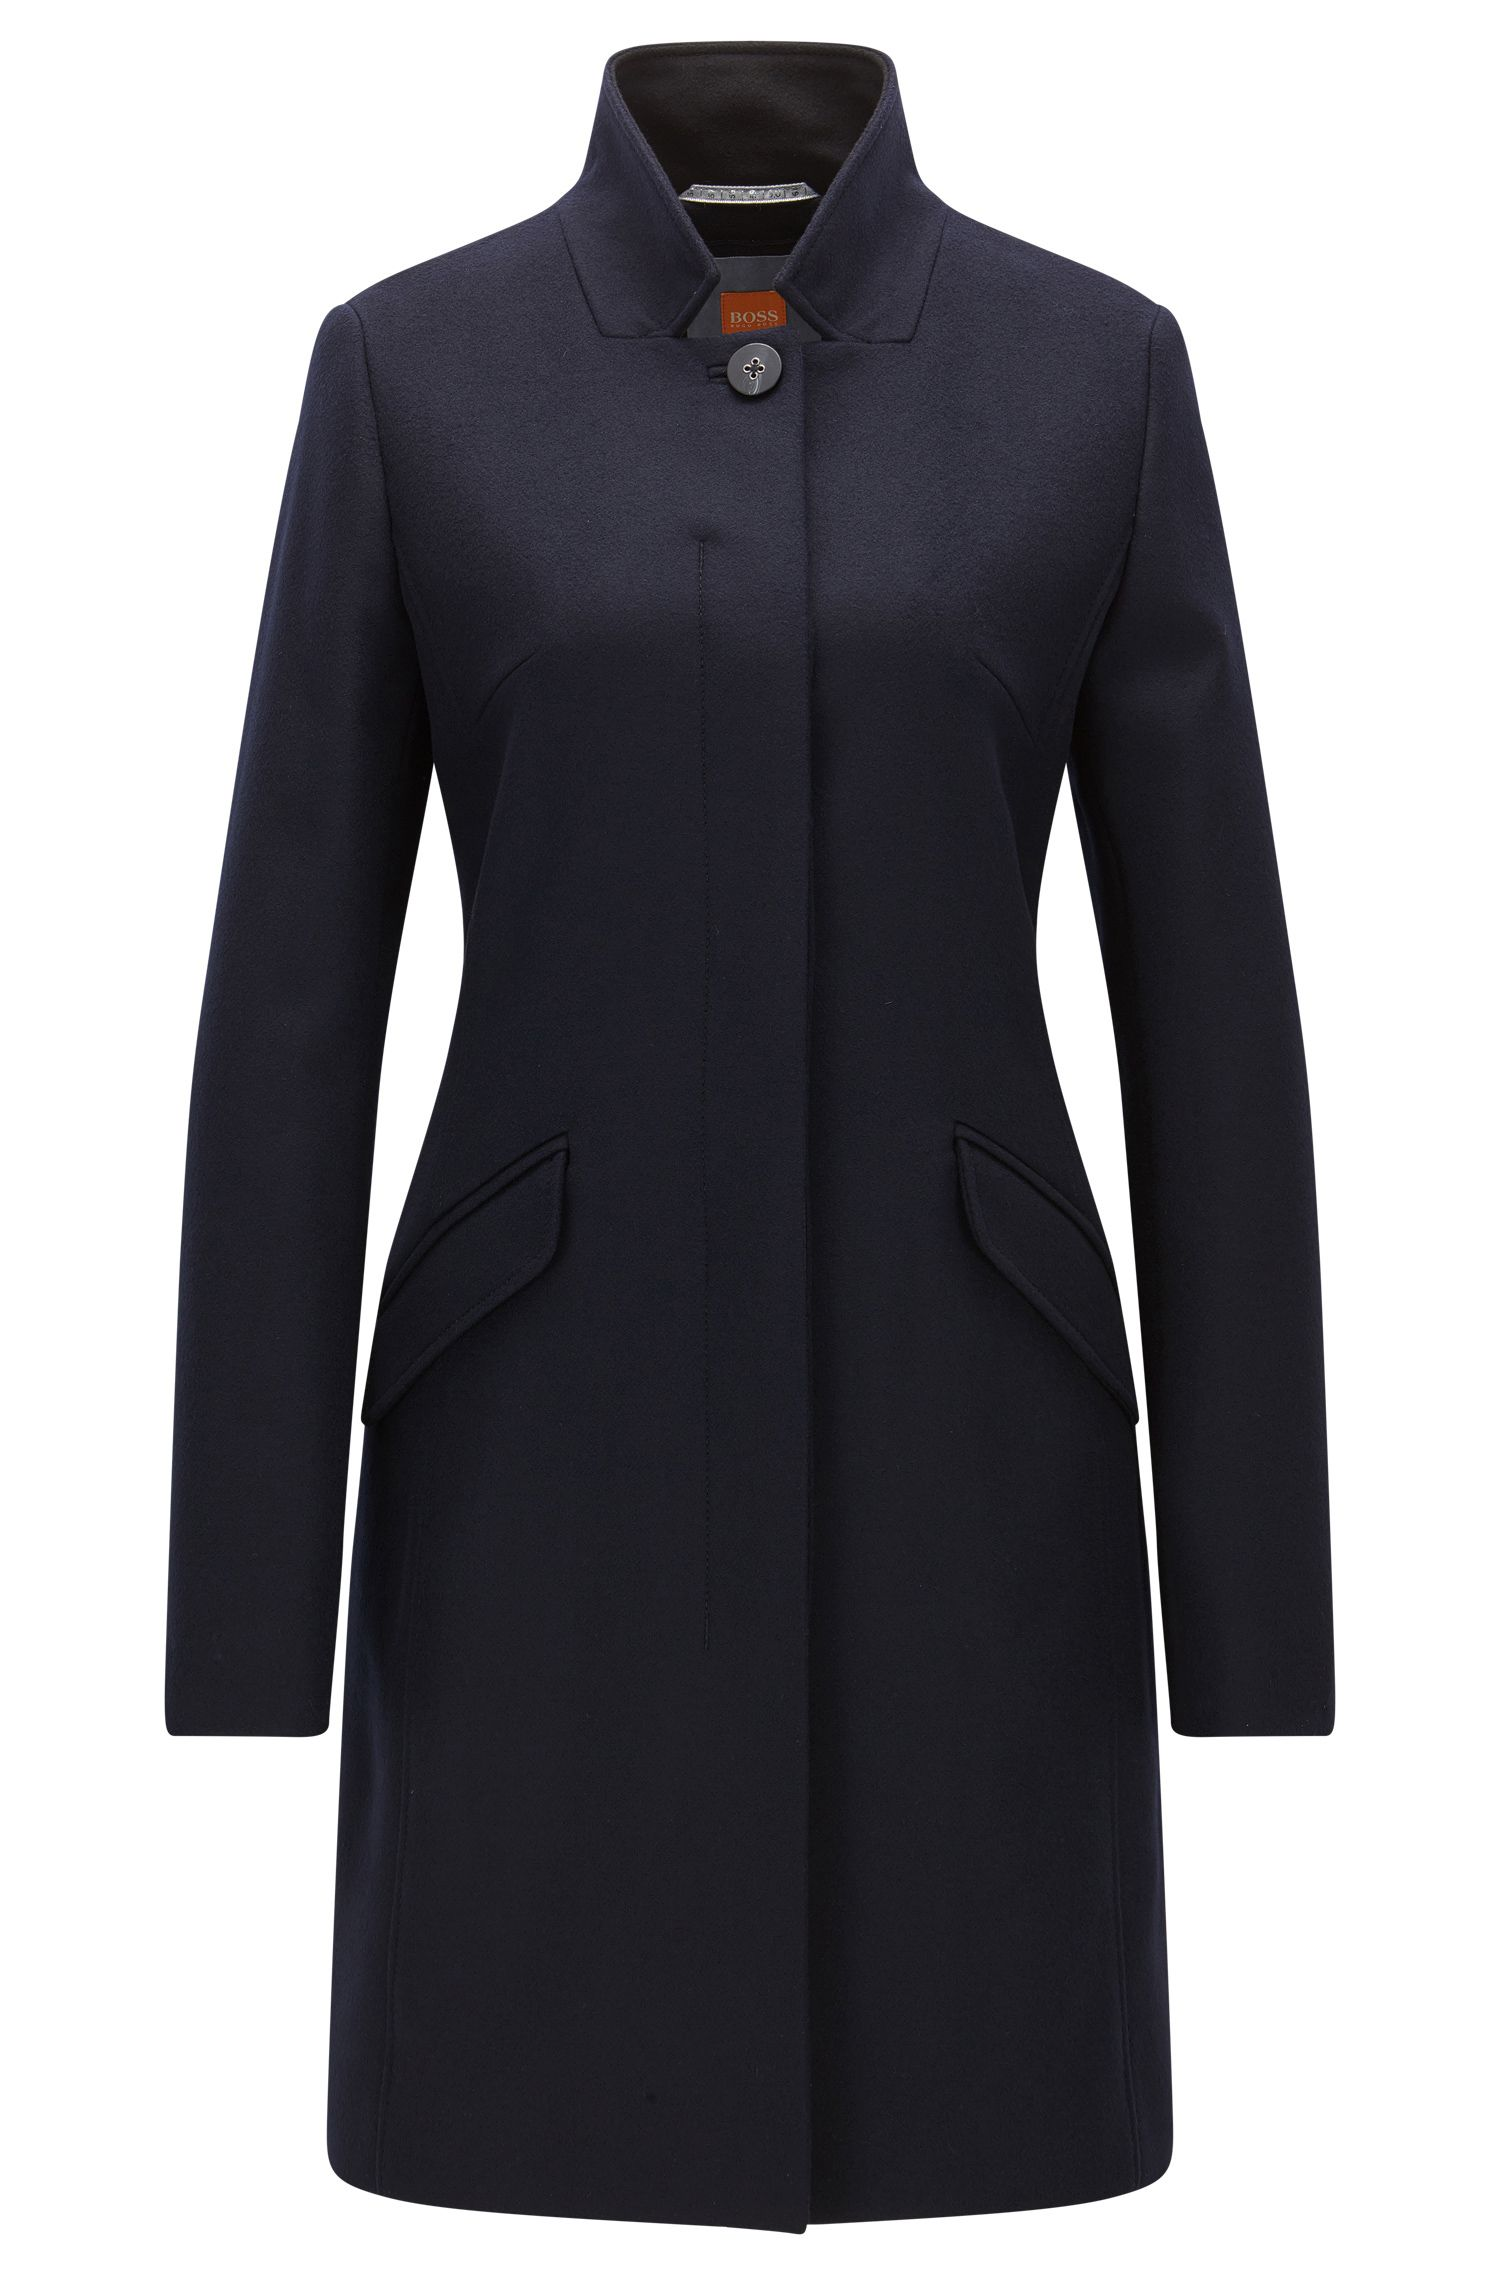 Cappotto in misto lana di pesantezza media con chiusura nascosta